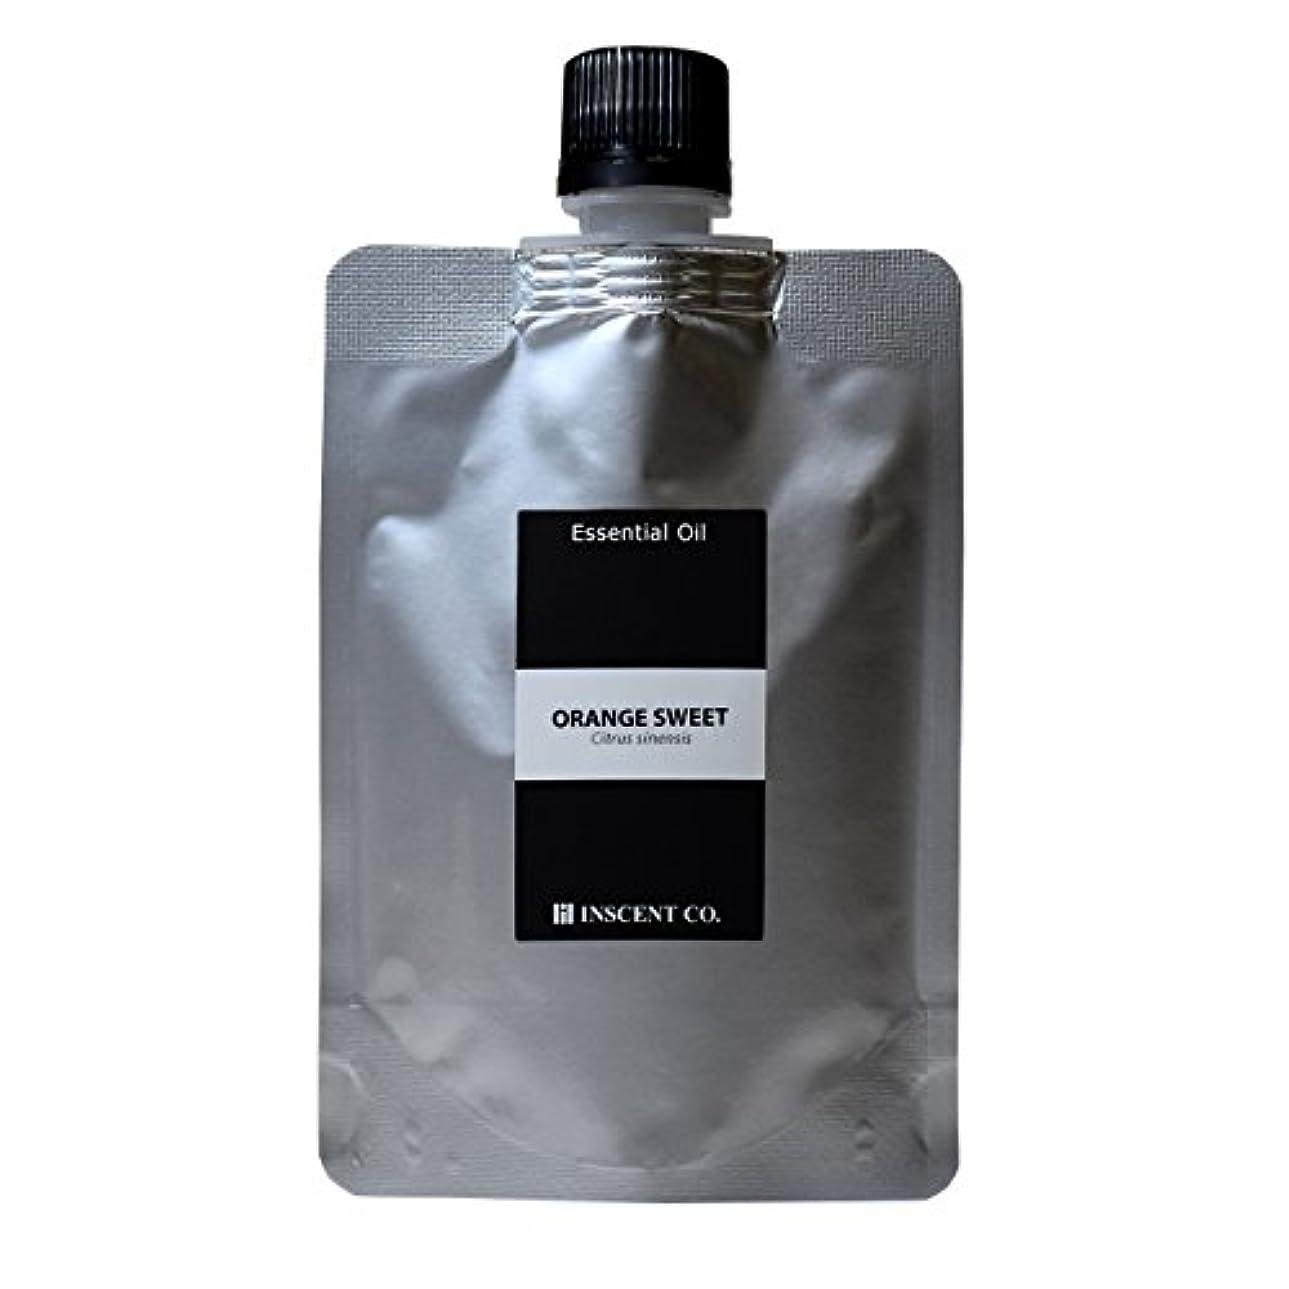 導入する息切れ酸度(詰替用 アルミパック) オレンジスイート 50ml インセント アロマオイル AEAJ 表示基準適合認定精油